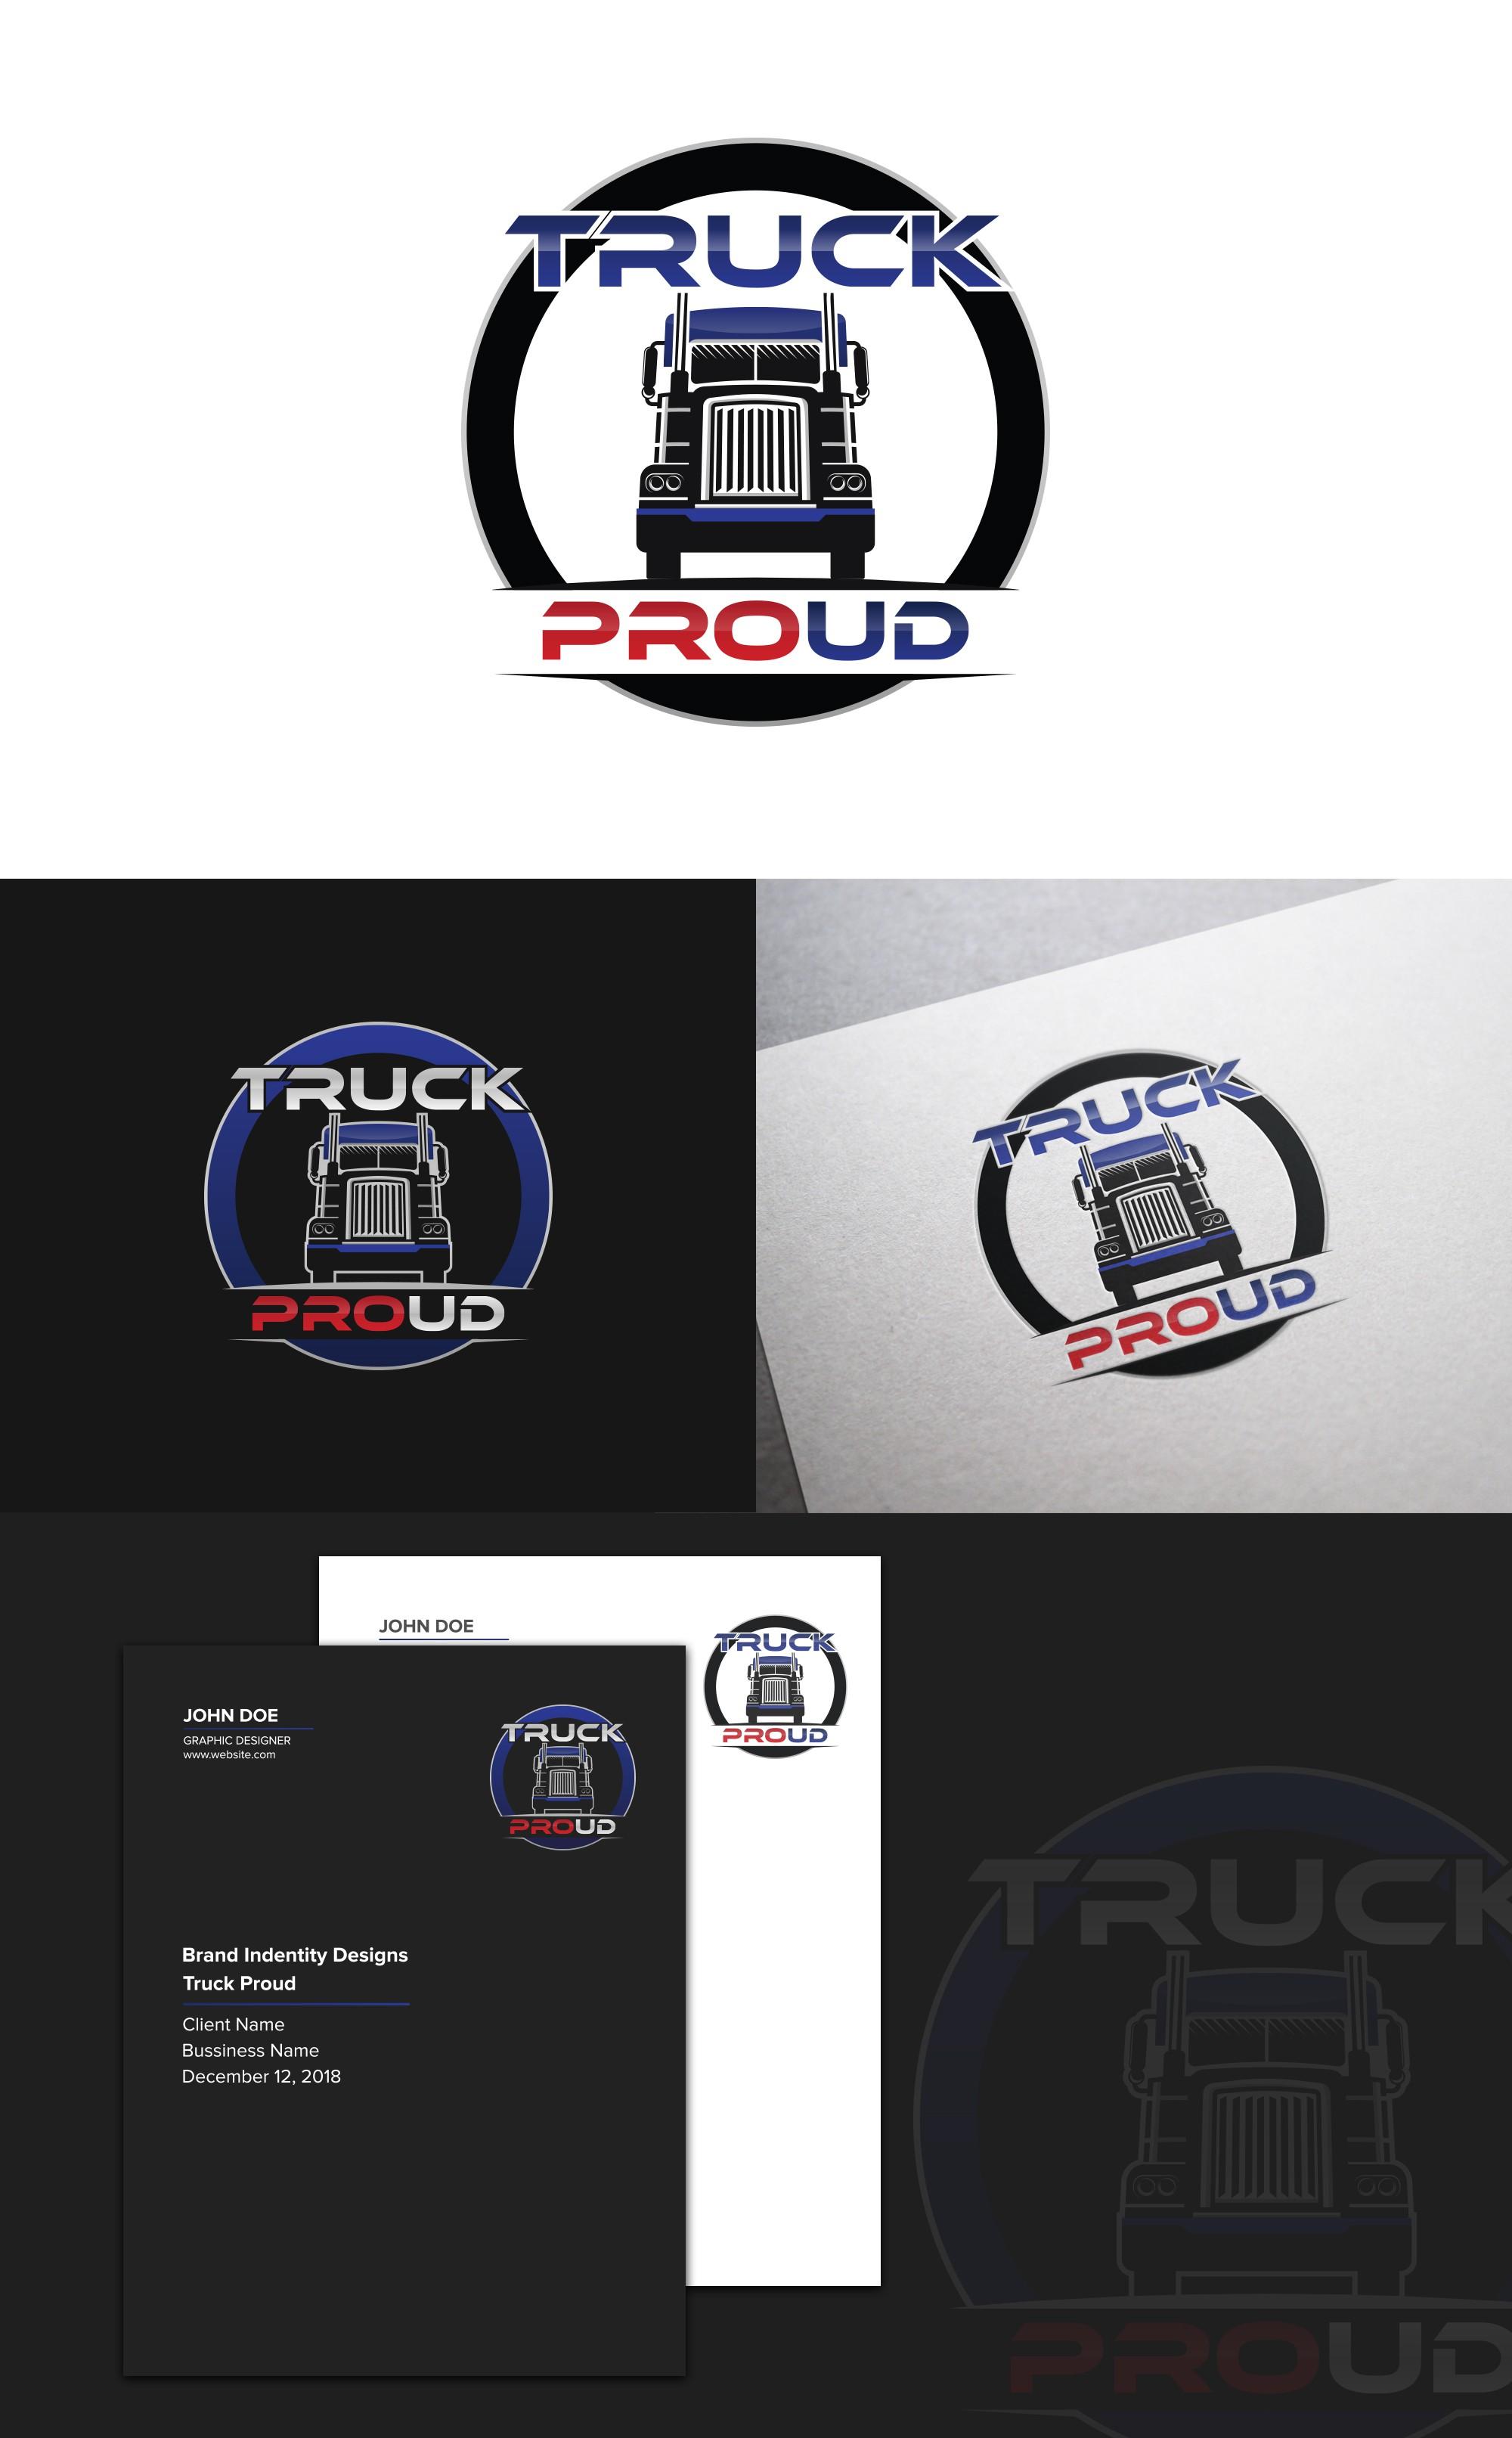 Make Trucking Cool Again